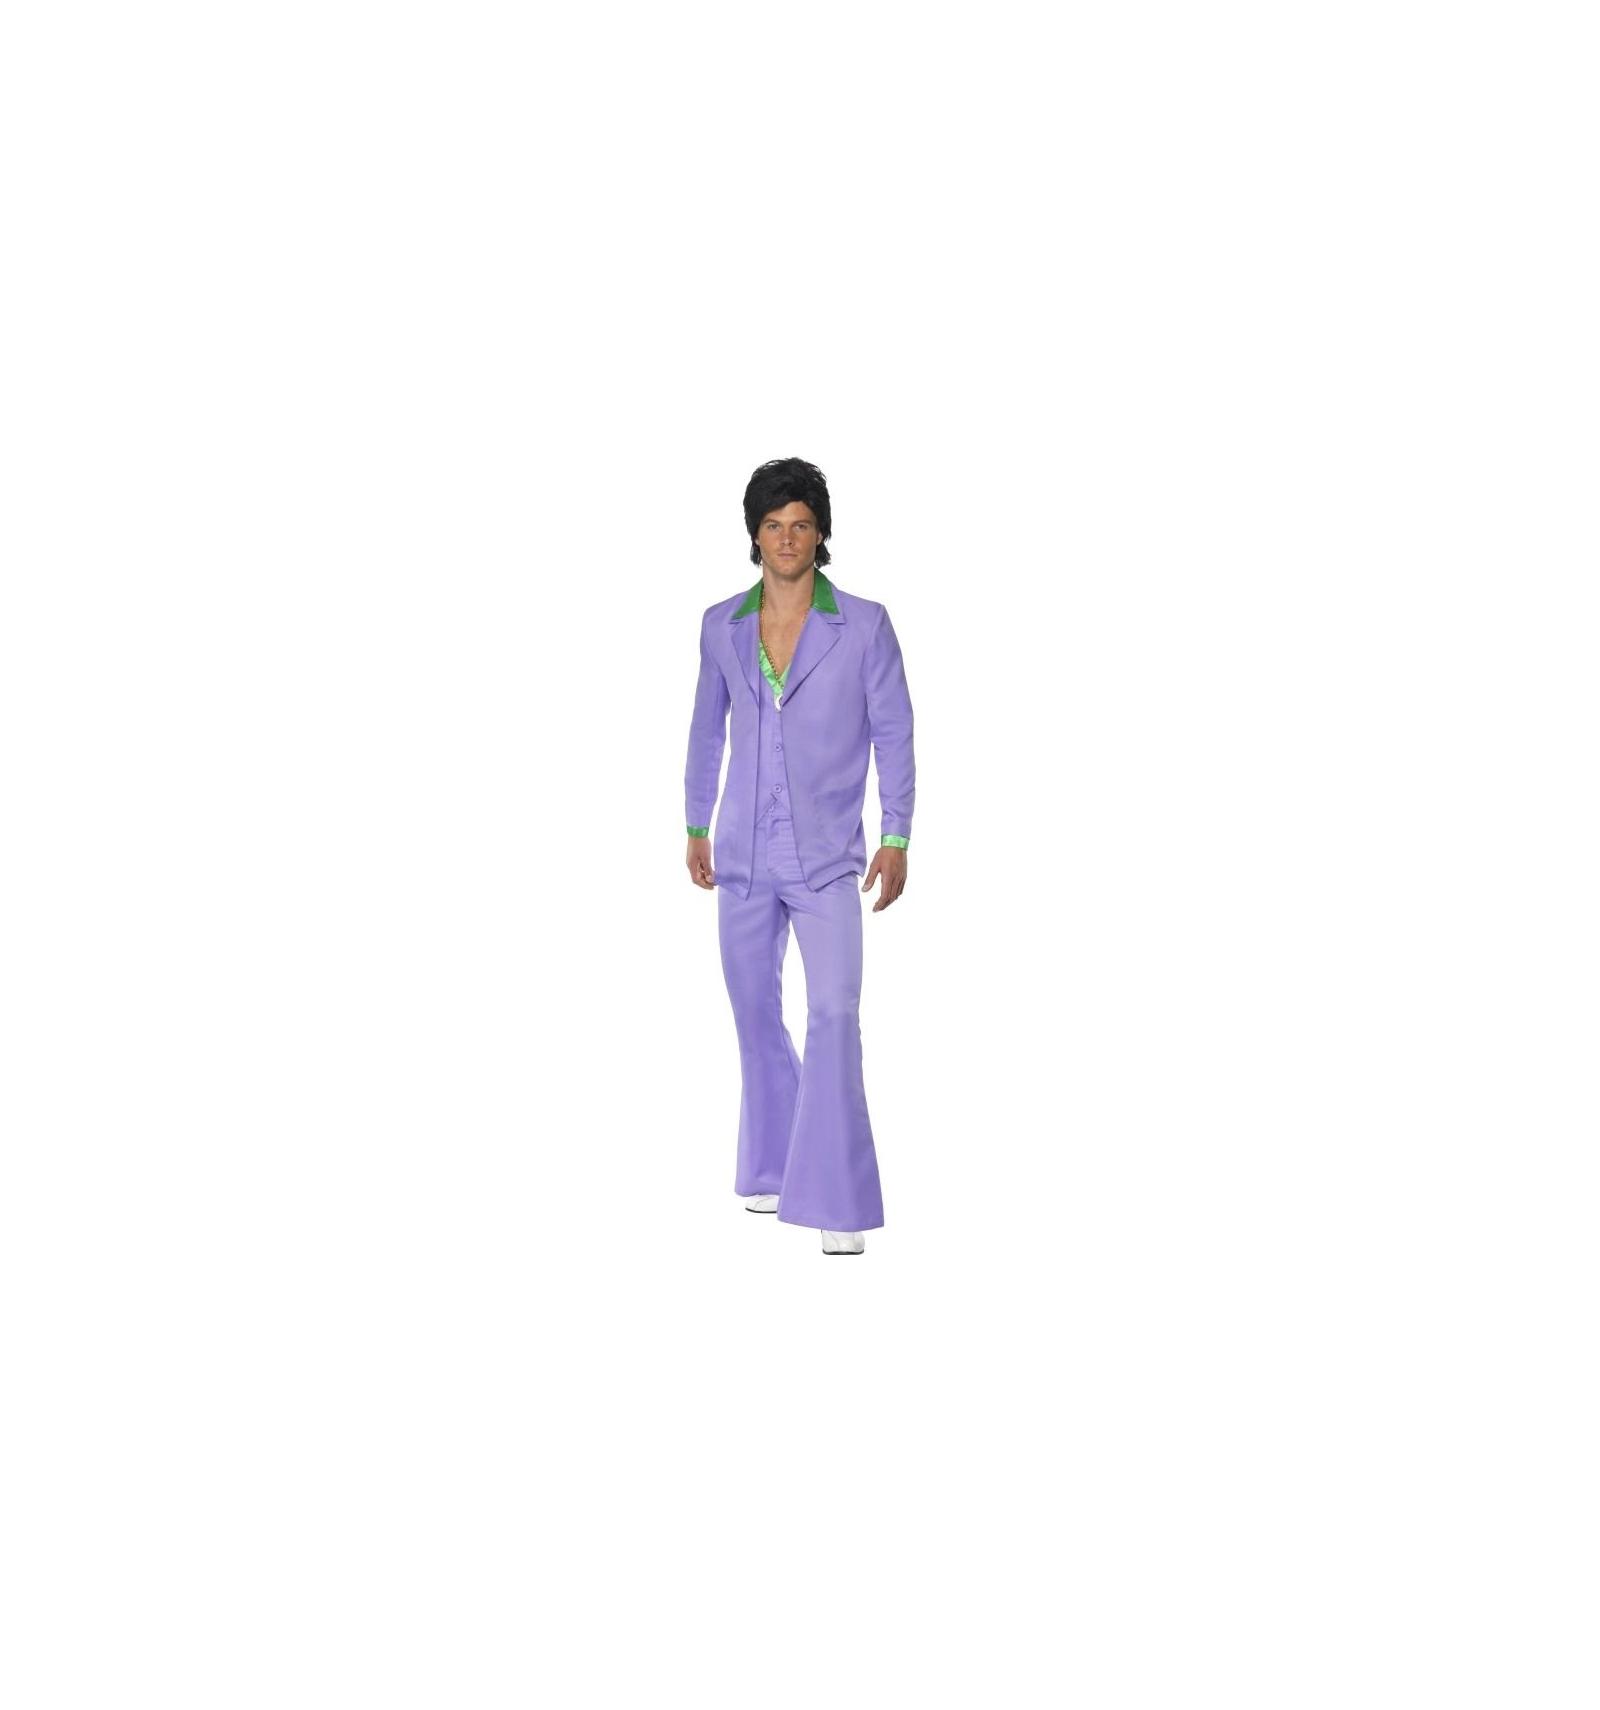 Disfraz traje la banda de los 70 comarfi s l comarfi s l for Disfraces de los anos 60